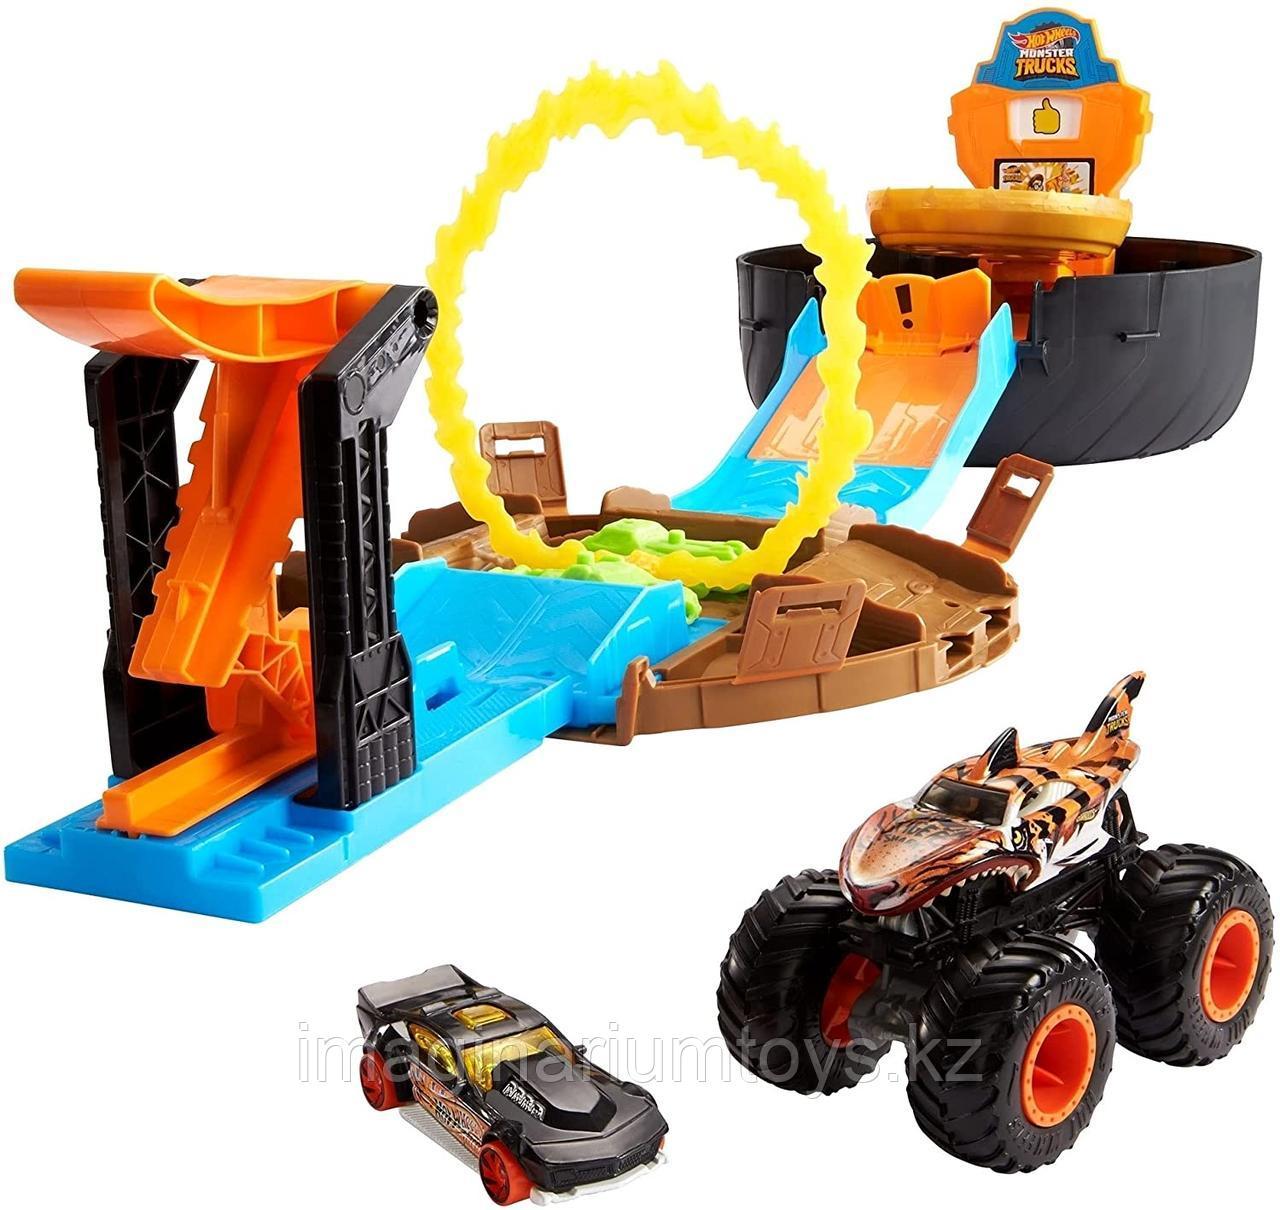 Hot Wheels игровой набор Трюковая арена с машинкой Монстр Трак